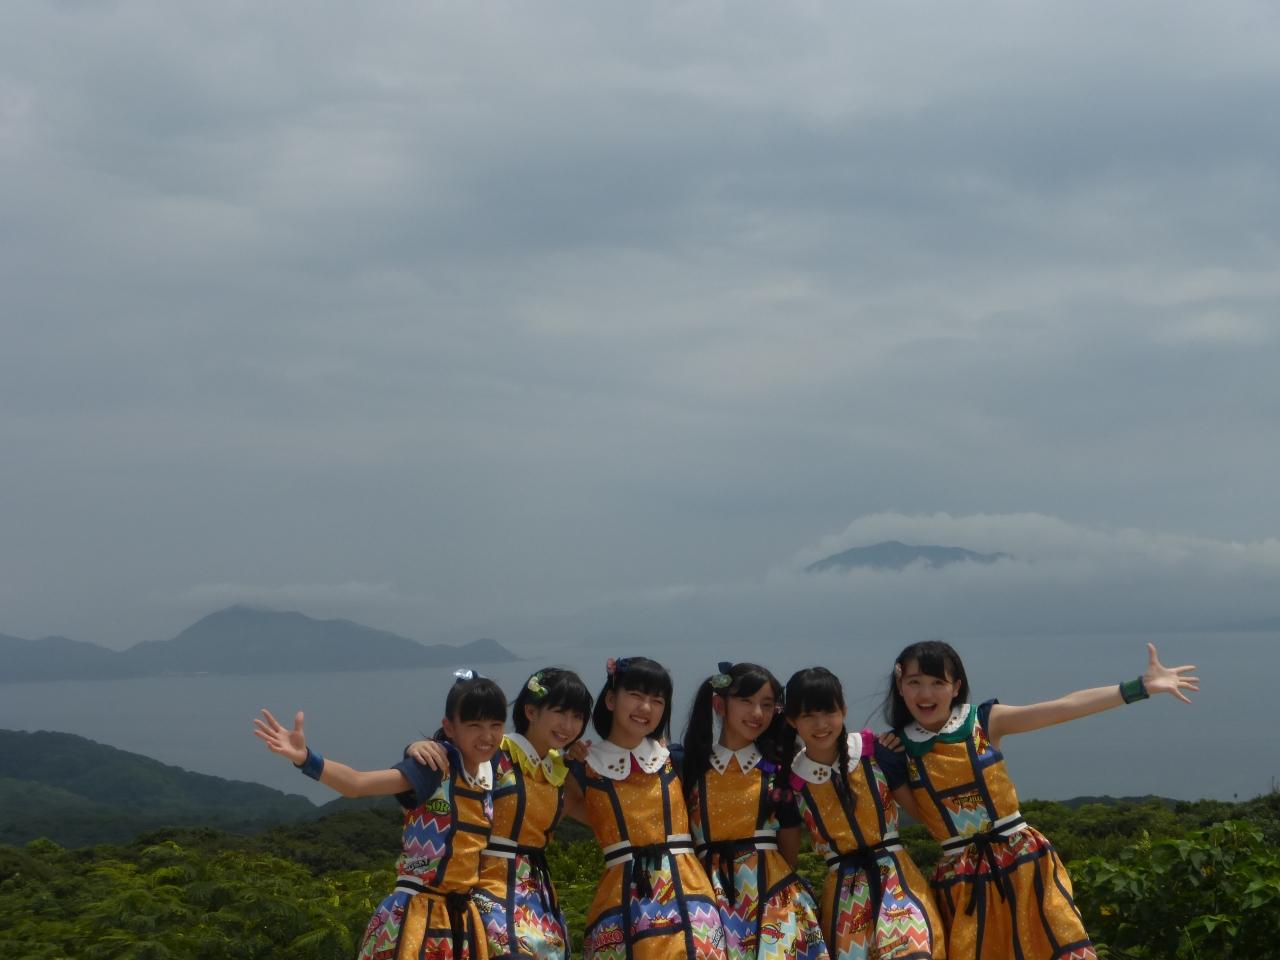 宗像市にて撮影、大島は良い所でした。(ばってん少女隊)